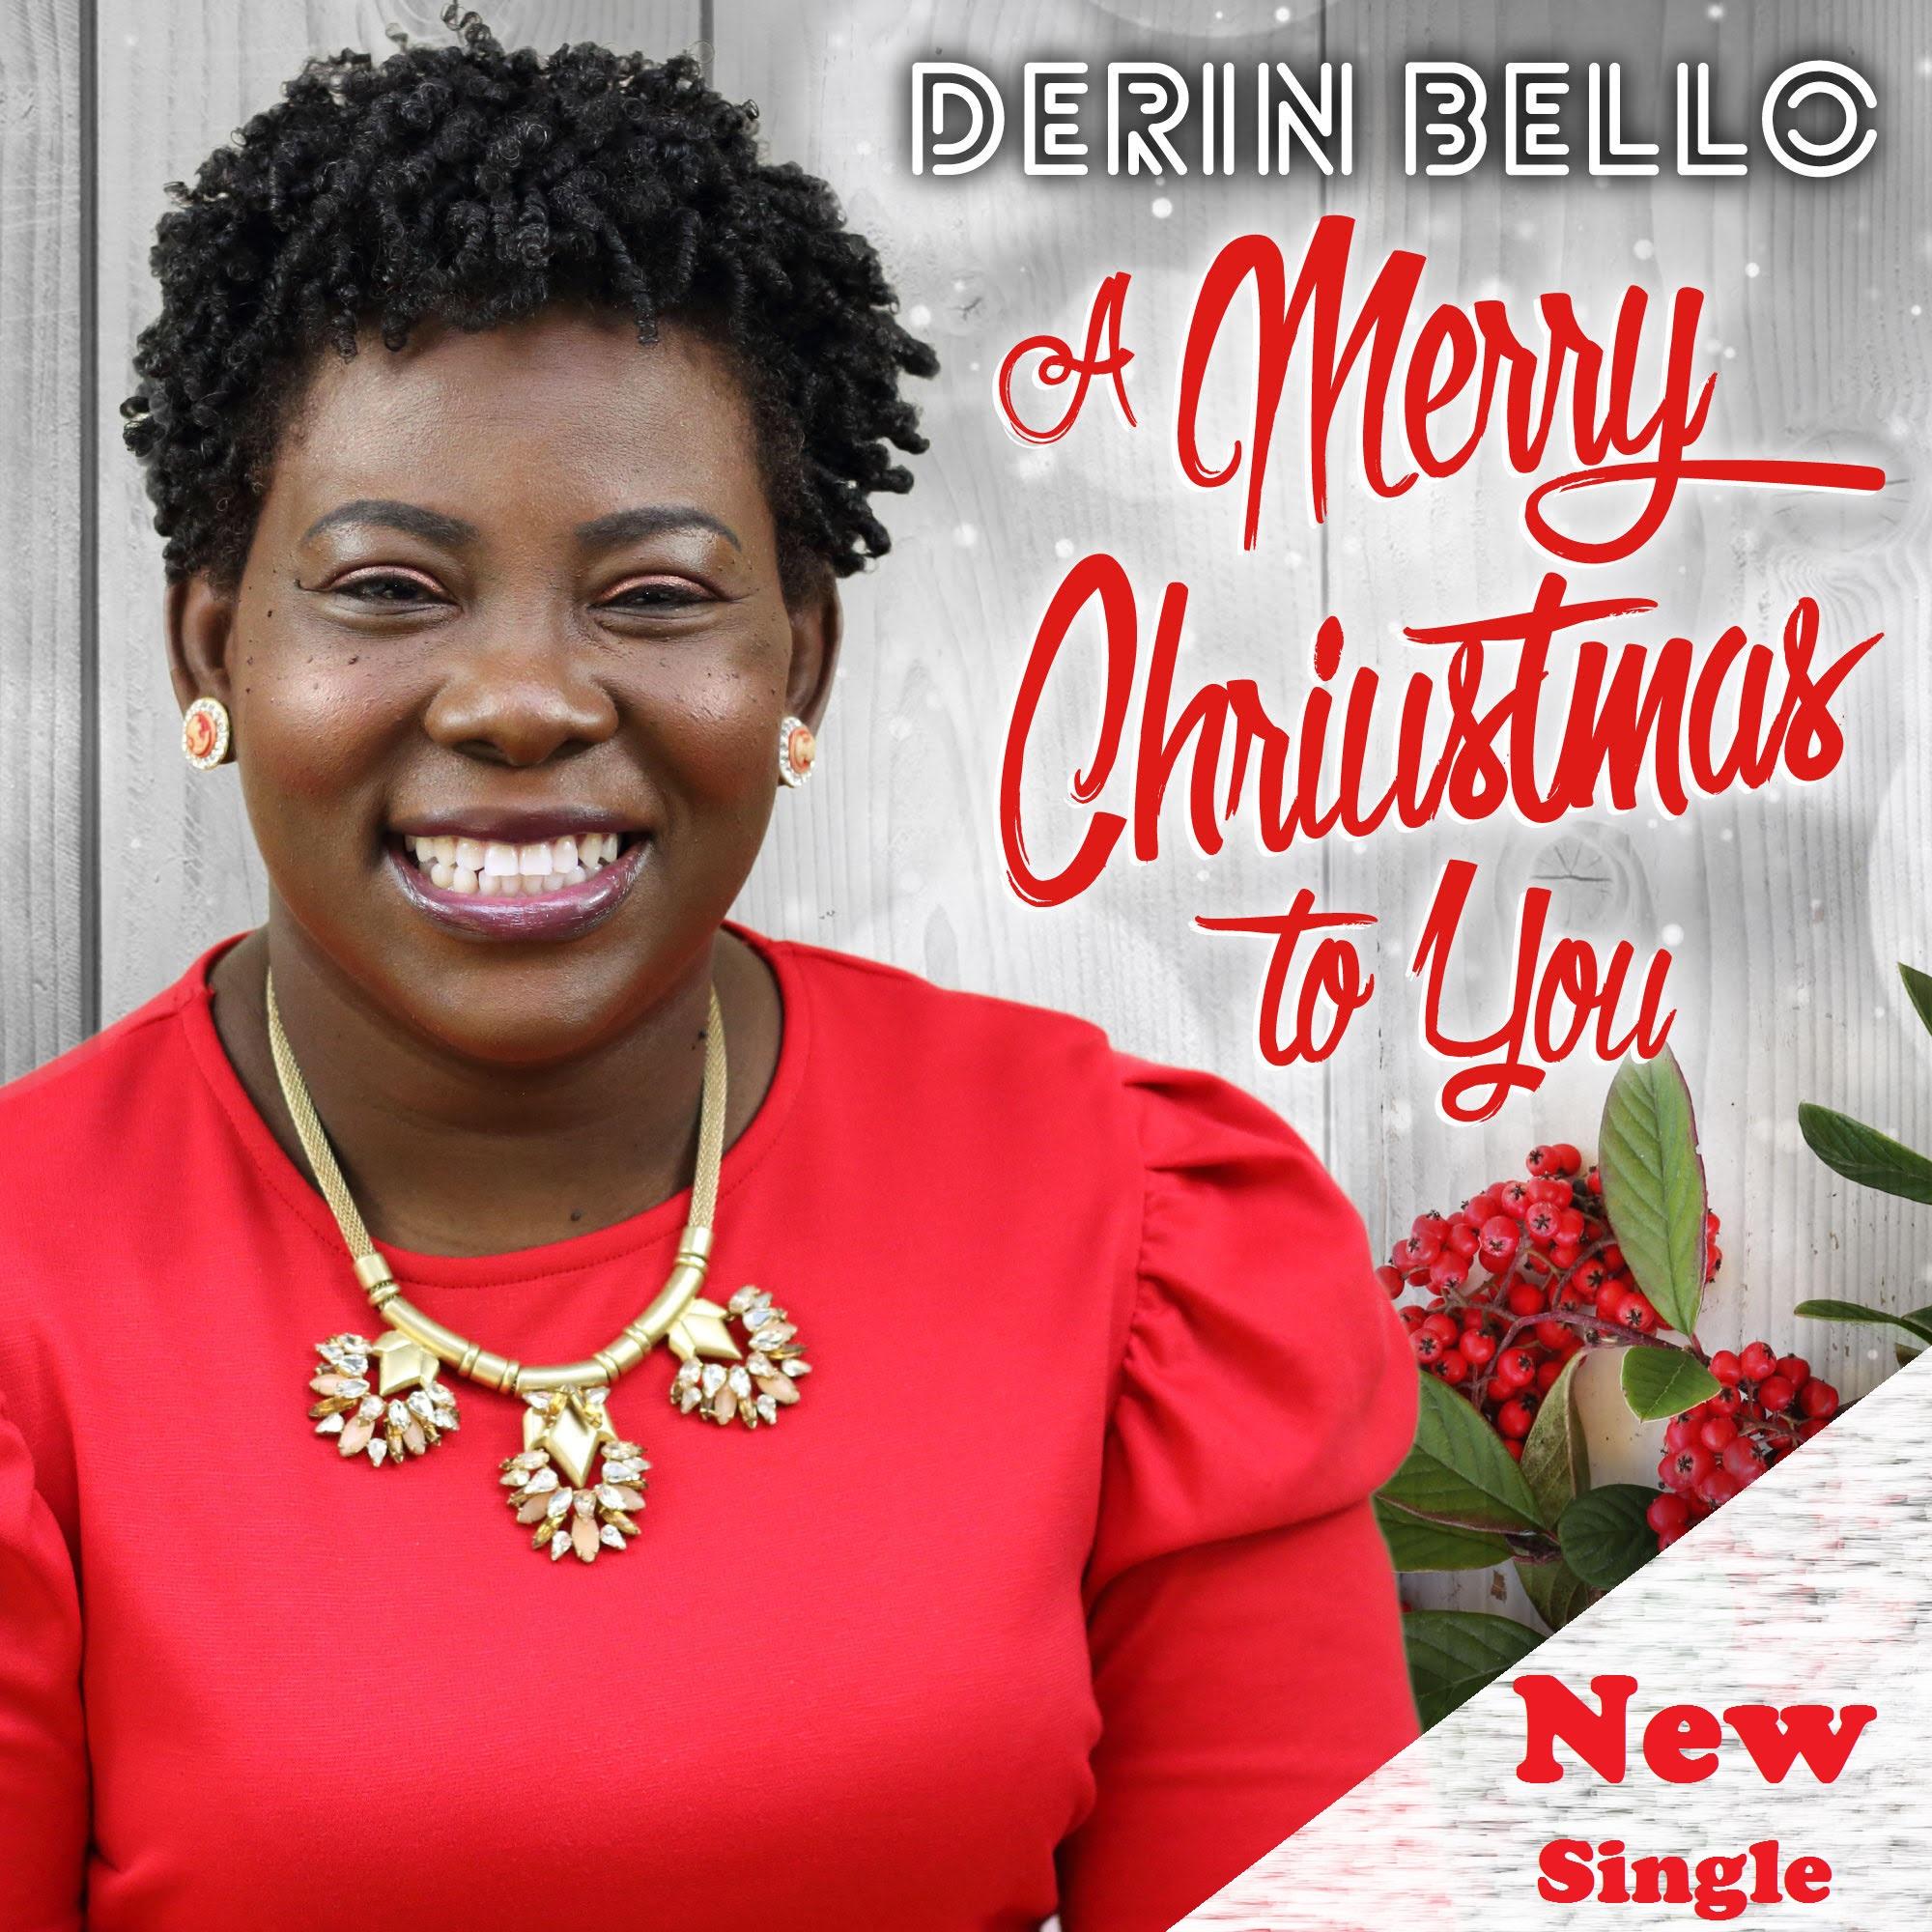 DERIN BELLO - A MERRY CHRISTMAS TO YOU